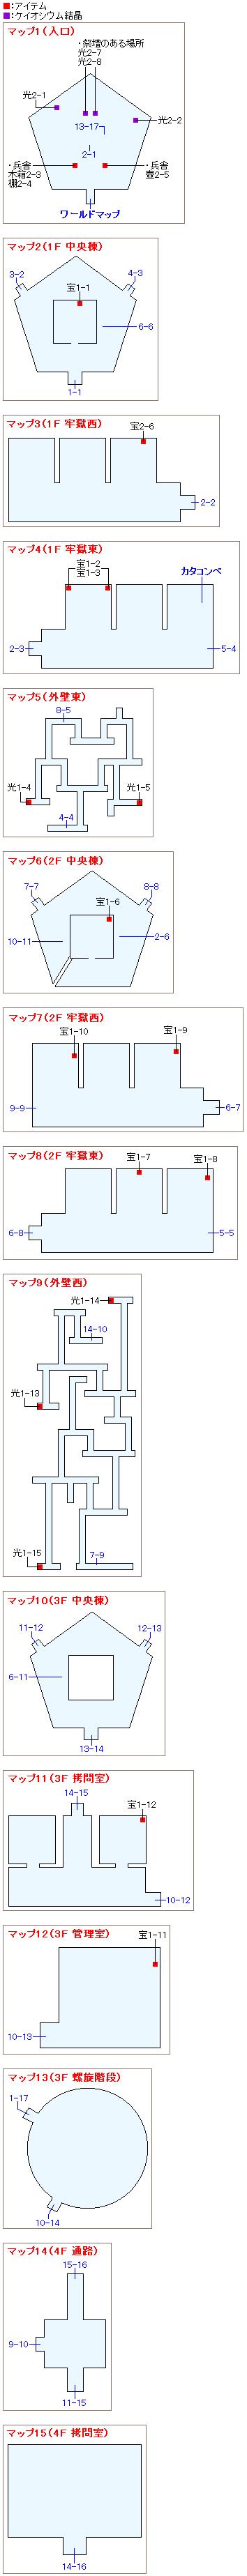 裁きの塔のマップ画像